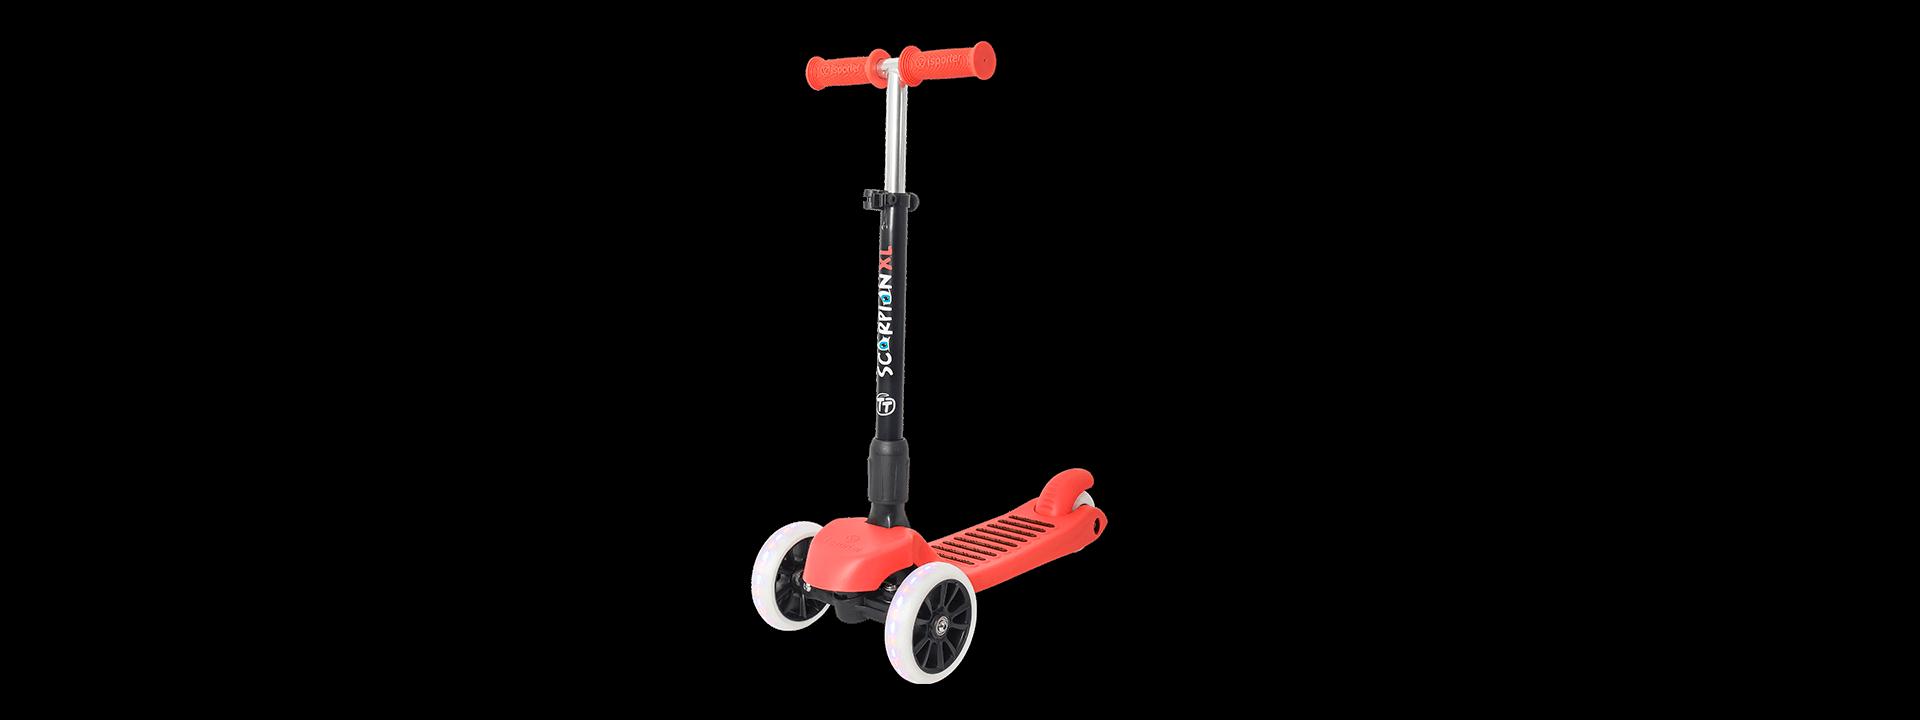 Детский трехколесный самокат-кикборд TechTeam Scorpion XL 2018 красный